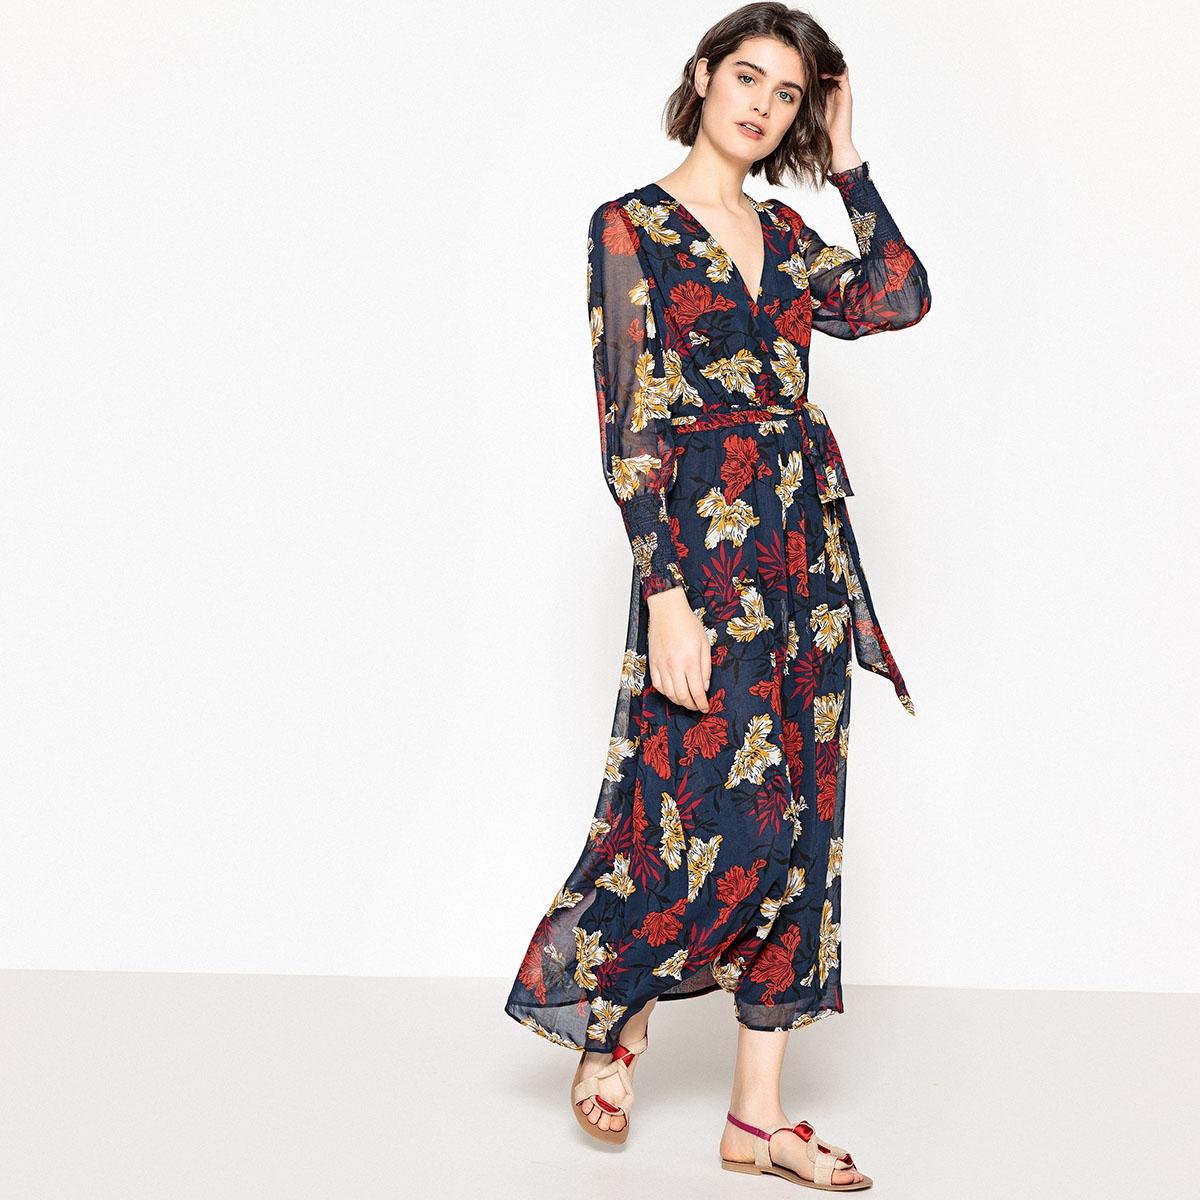 Платье-макси с цветочным рисунком и длинными рукавами платье с запахом длинными рукавами и цветочным рисунком